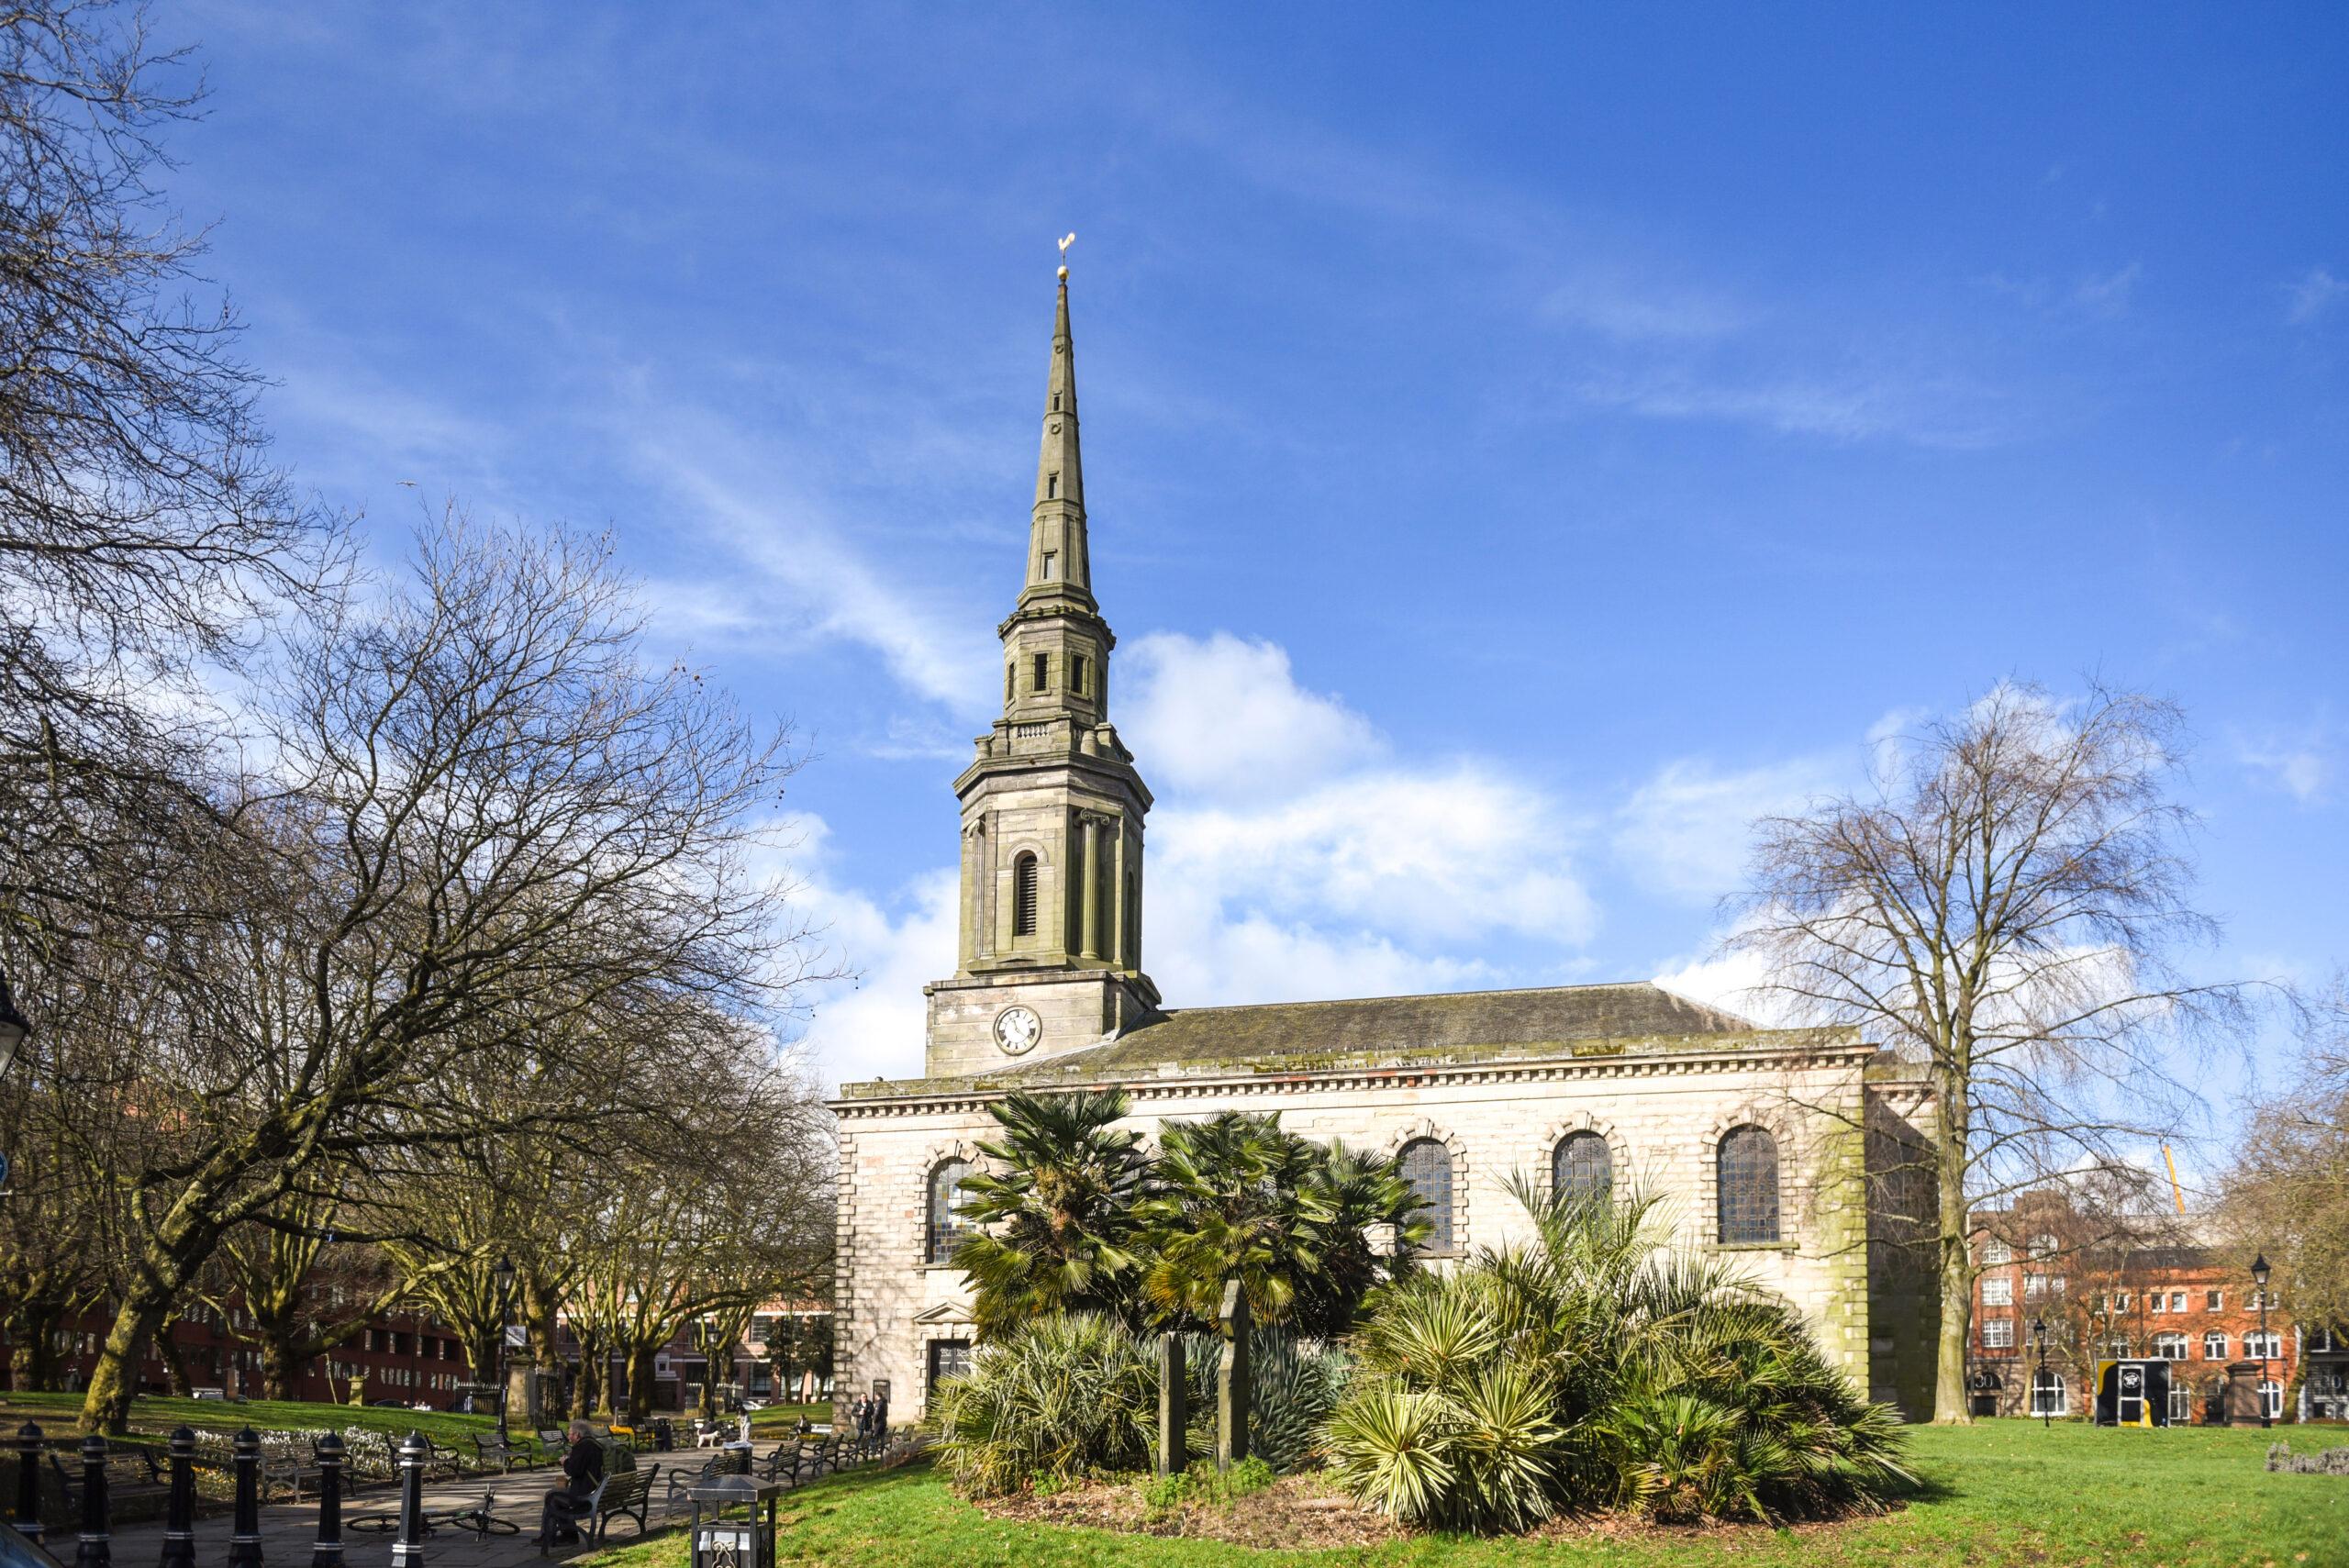 St Paul's Church fundraising